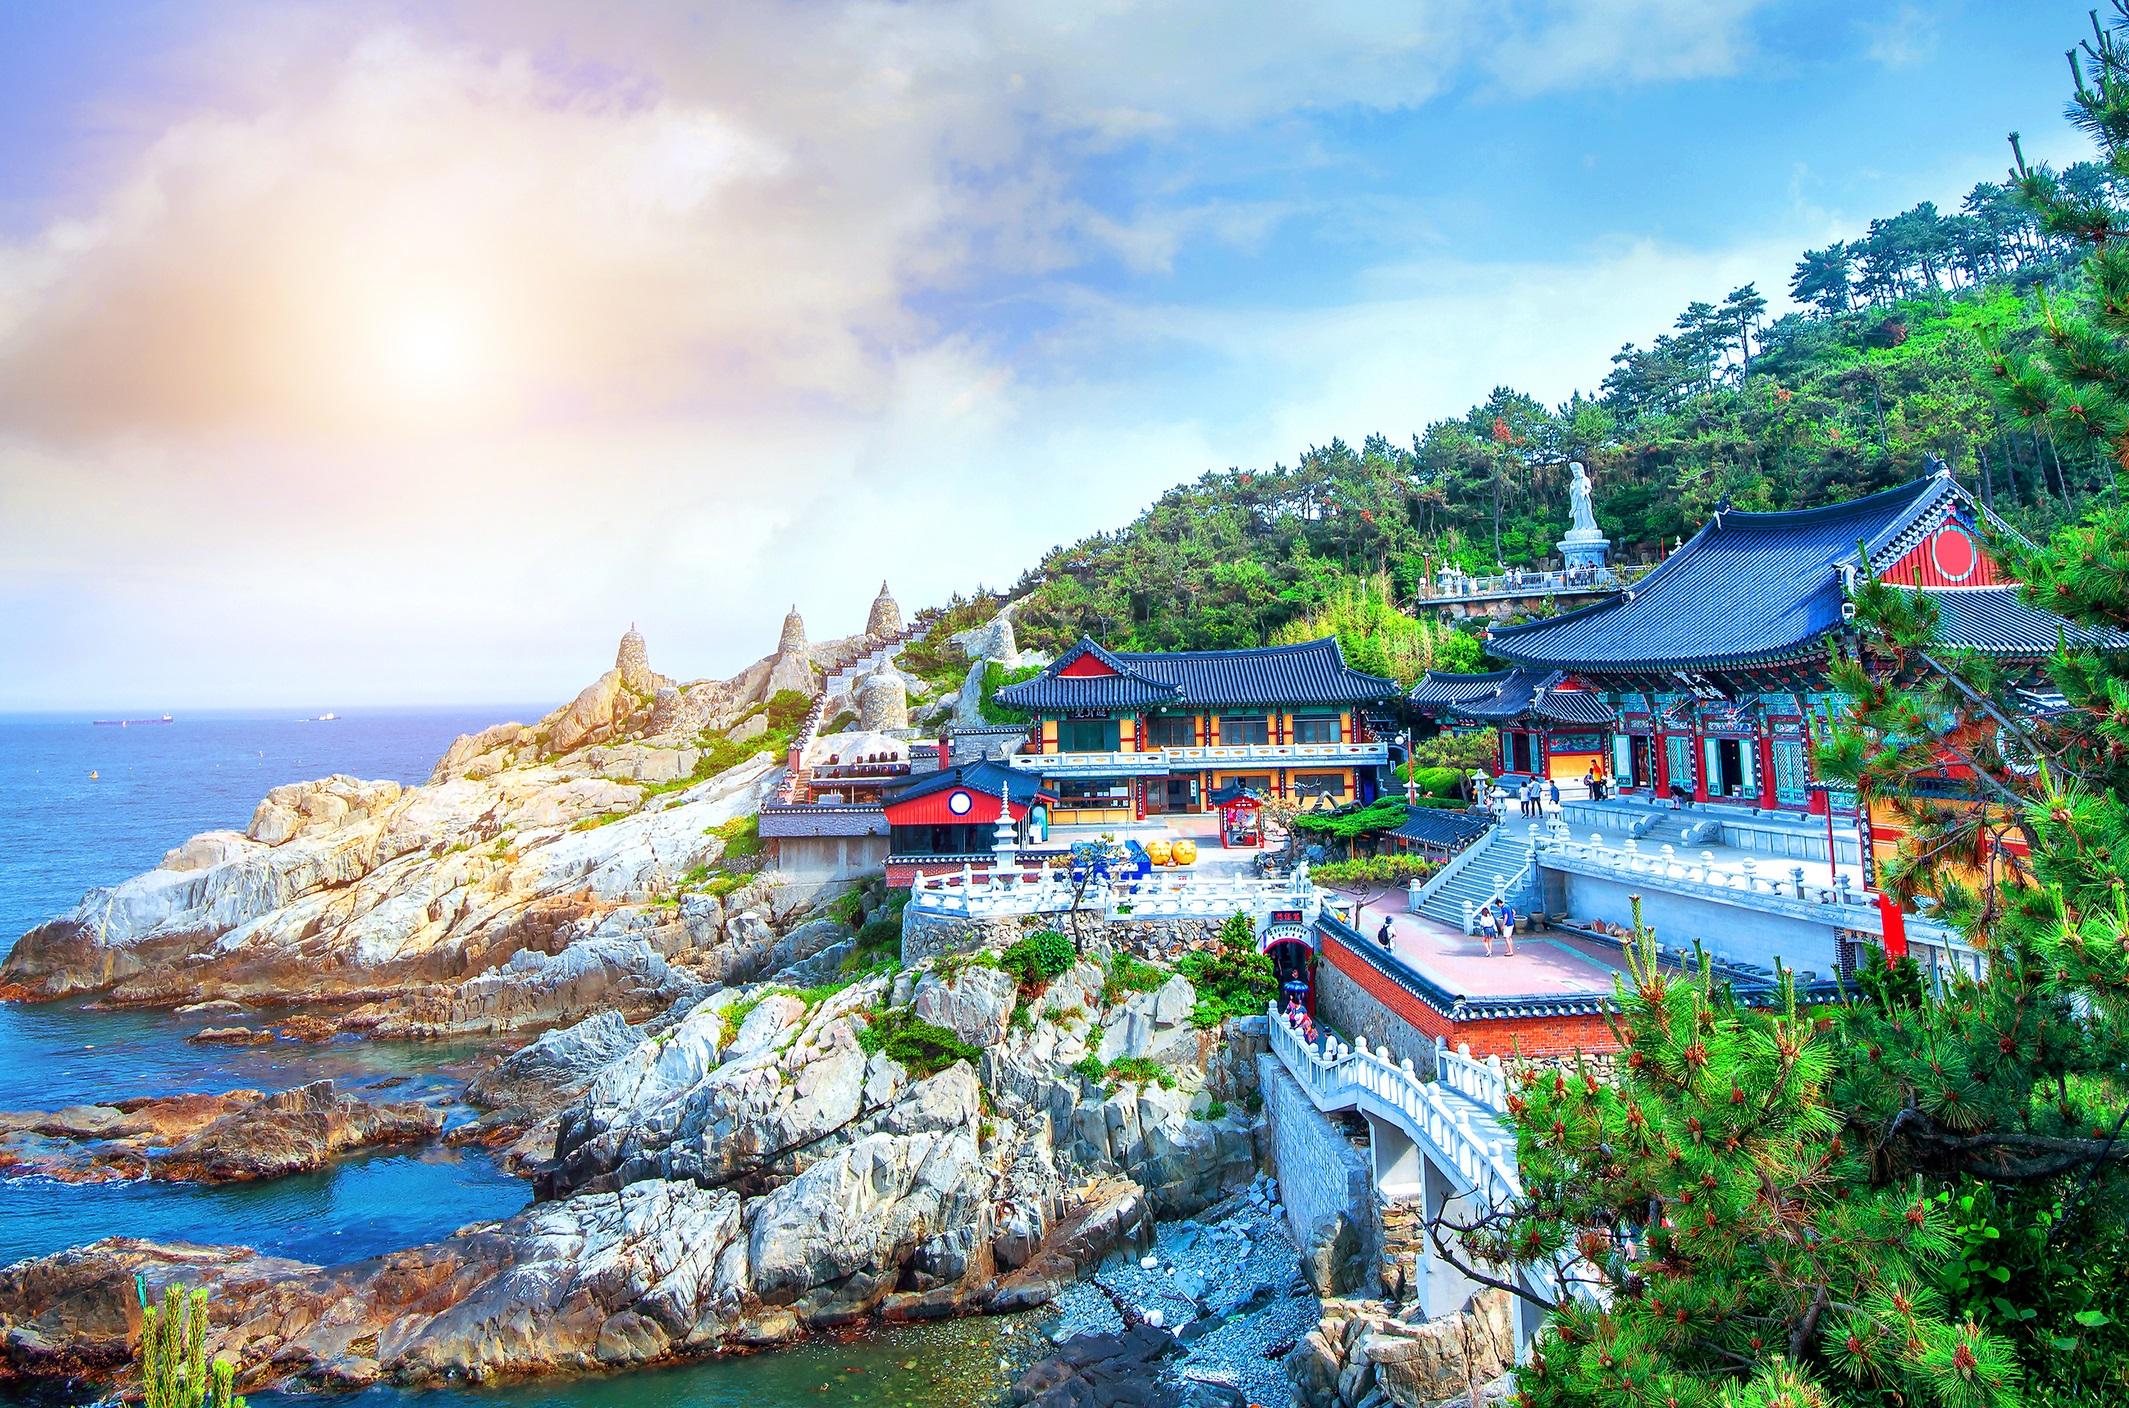 Бусан, Южна Корея<br /> <br /> Вторият по големина град в Южна Корея лека полека излиза от сянката на Сеул. Бусан е зашеметяващо сливане между природа, култура и кухня. Градът предлага активности, които да задоволят всички пътешествници – изкачване на хълмове до будистки храмове, отпускане в горещи извори и пиршество с морски дарове.